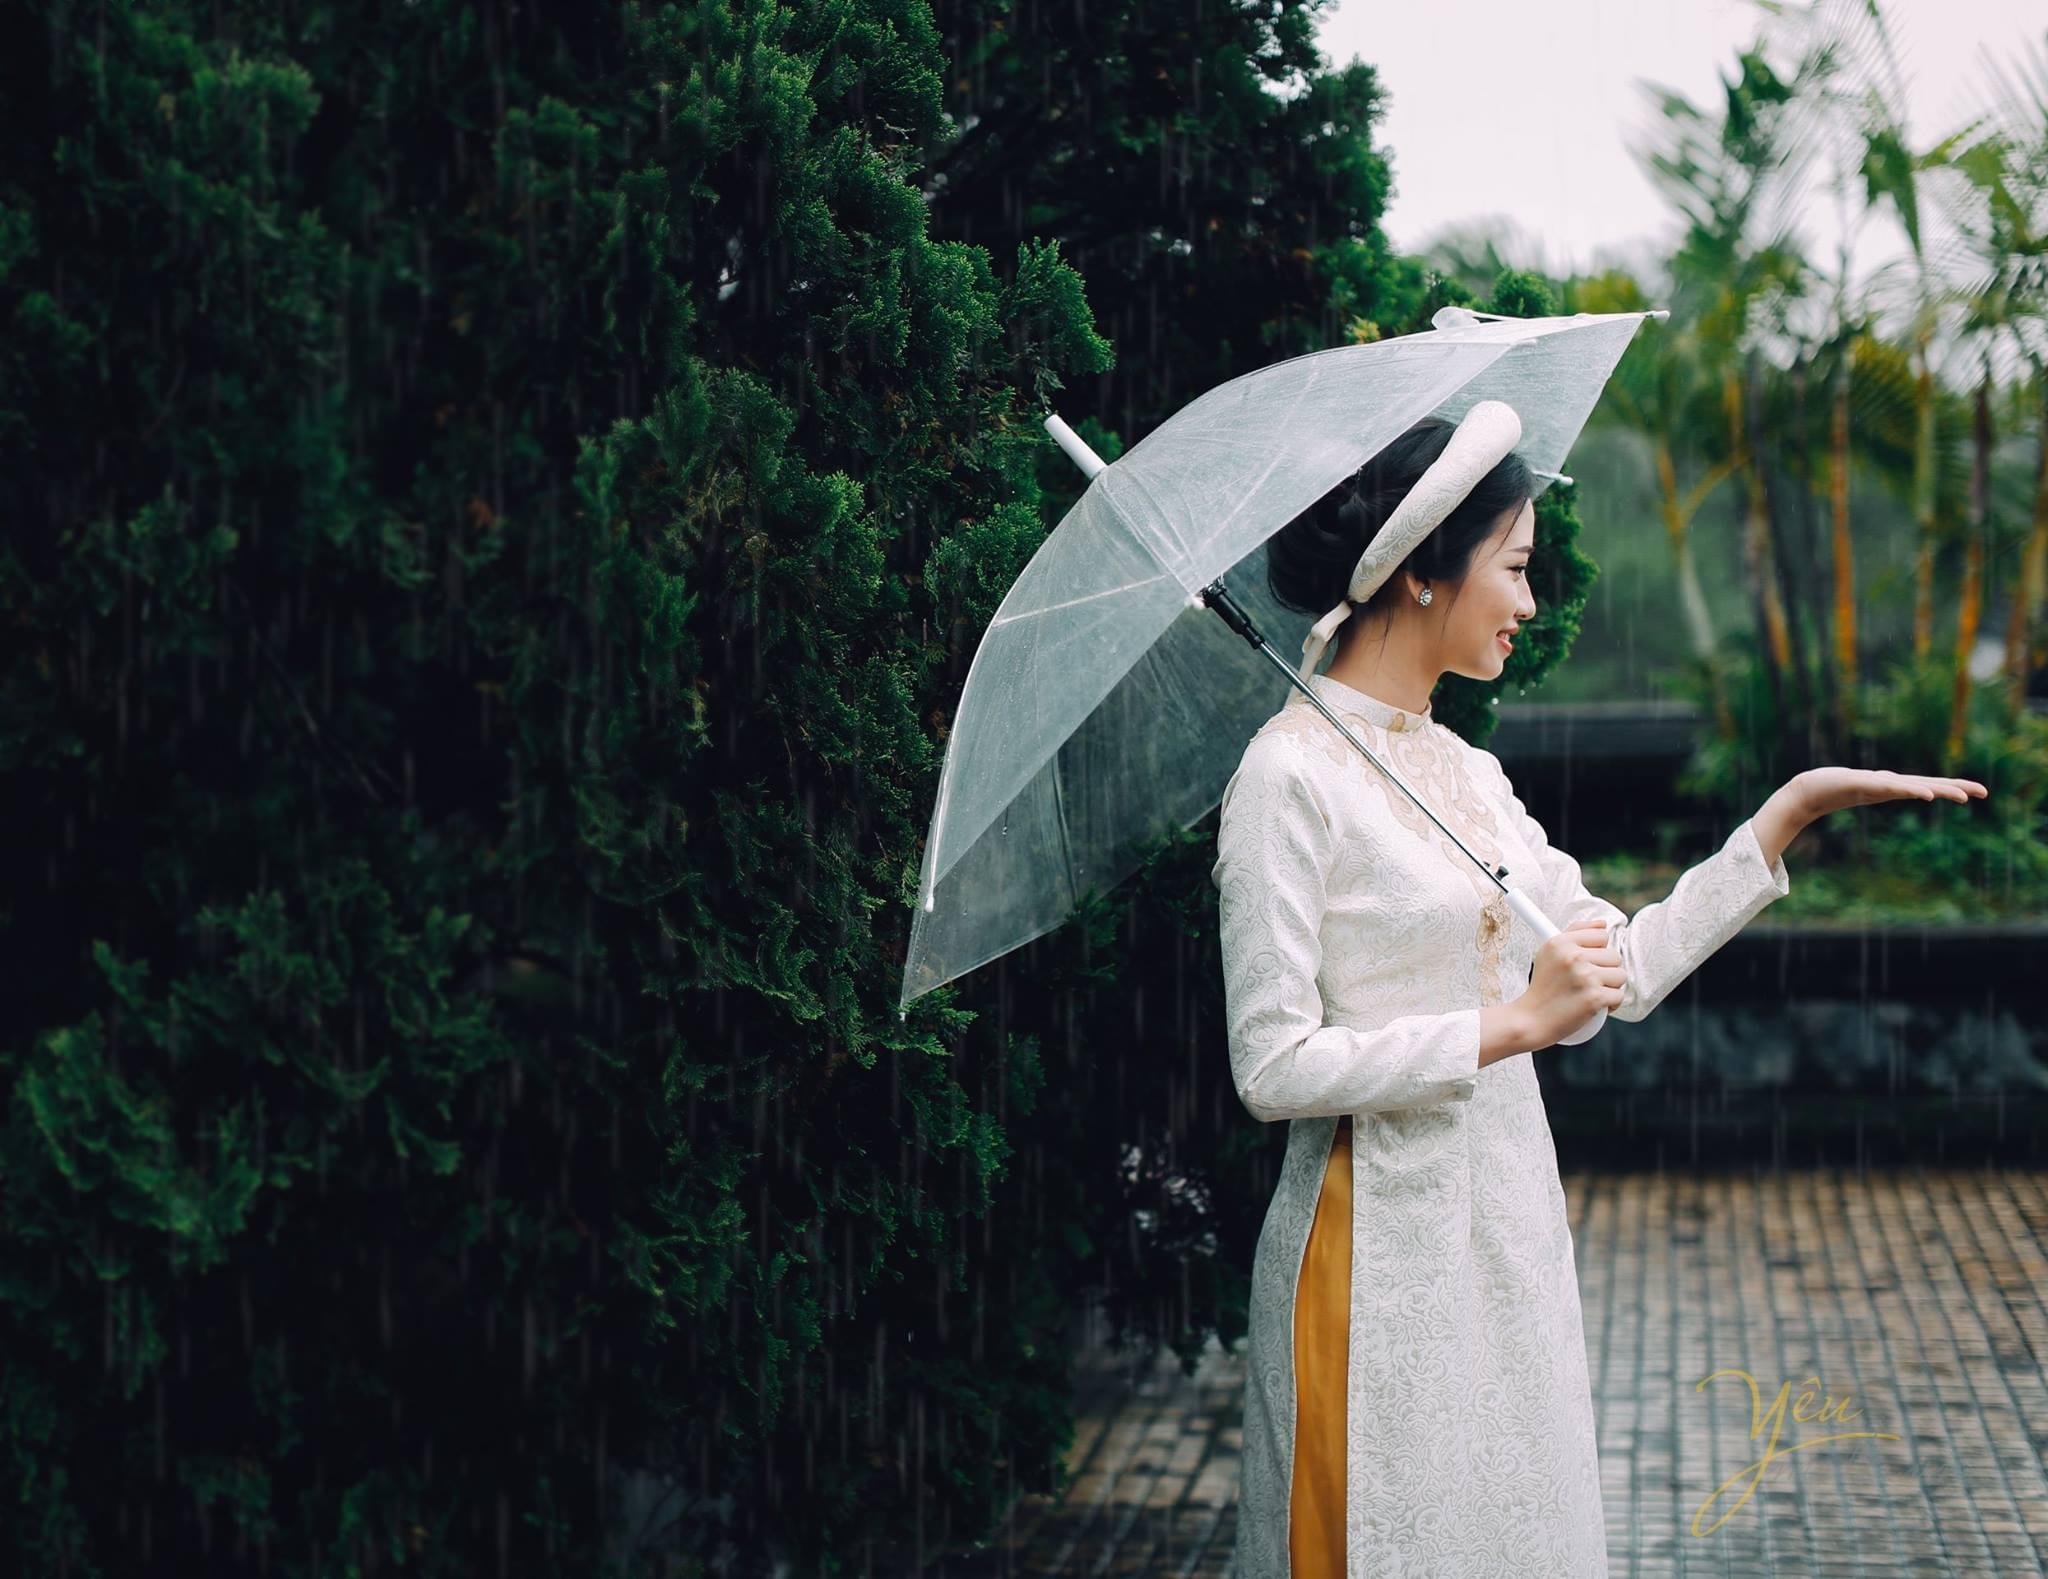 chụp cô dâu dưới mưa ô trong suốt